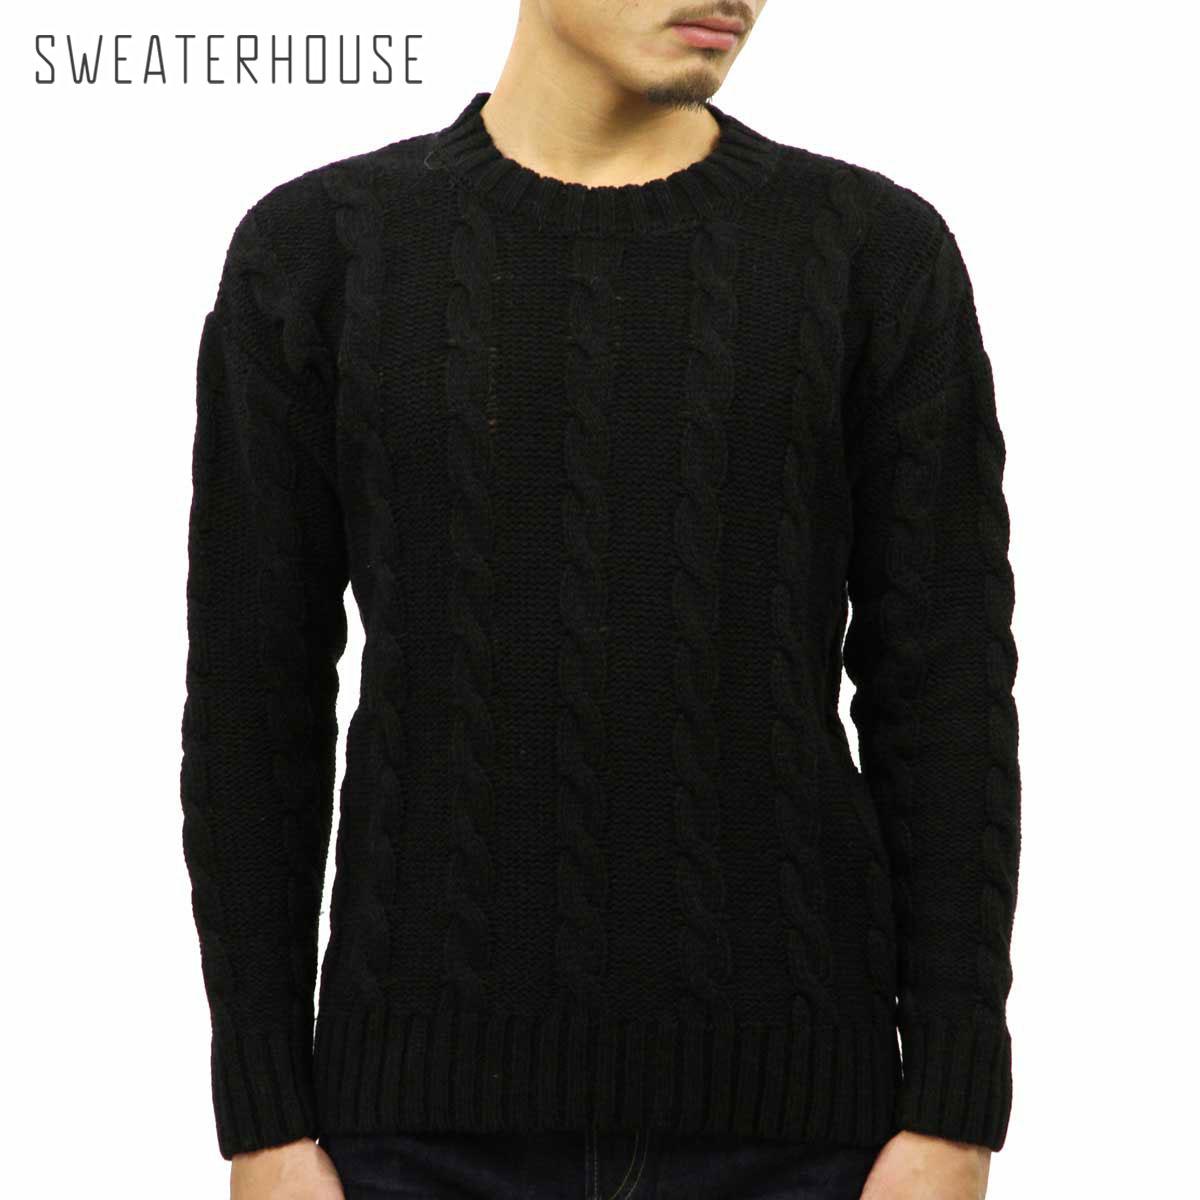 セーターハウス SWEATERHOUSE 正規販売店 メンズ セーター CREW NECK CABLE KNIT SWEATER 1KN1235 6035 BLACK